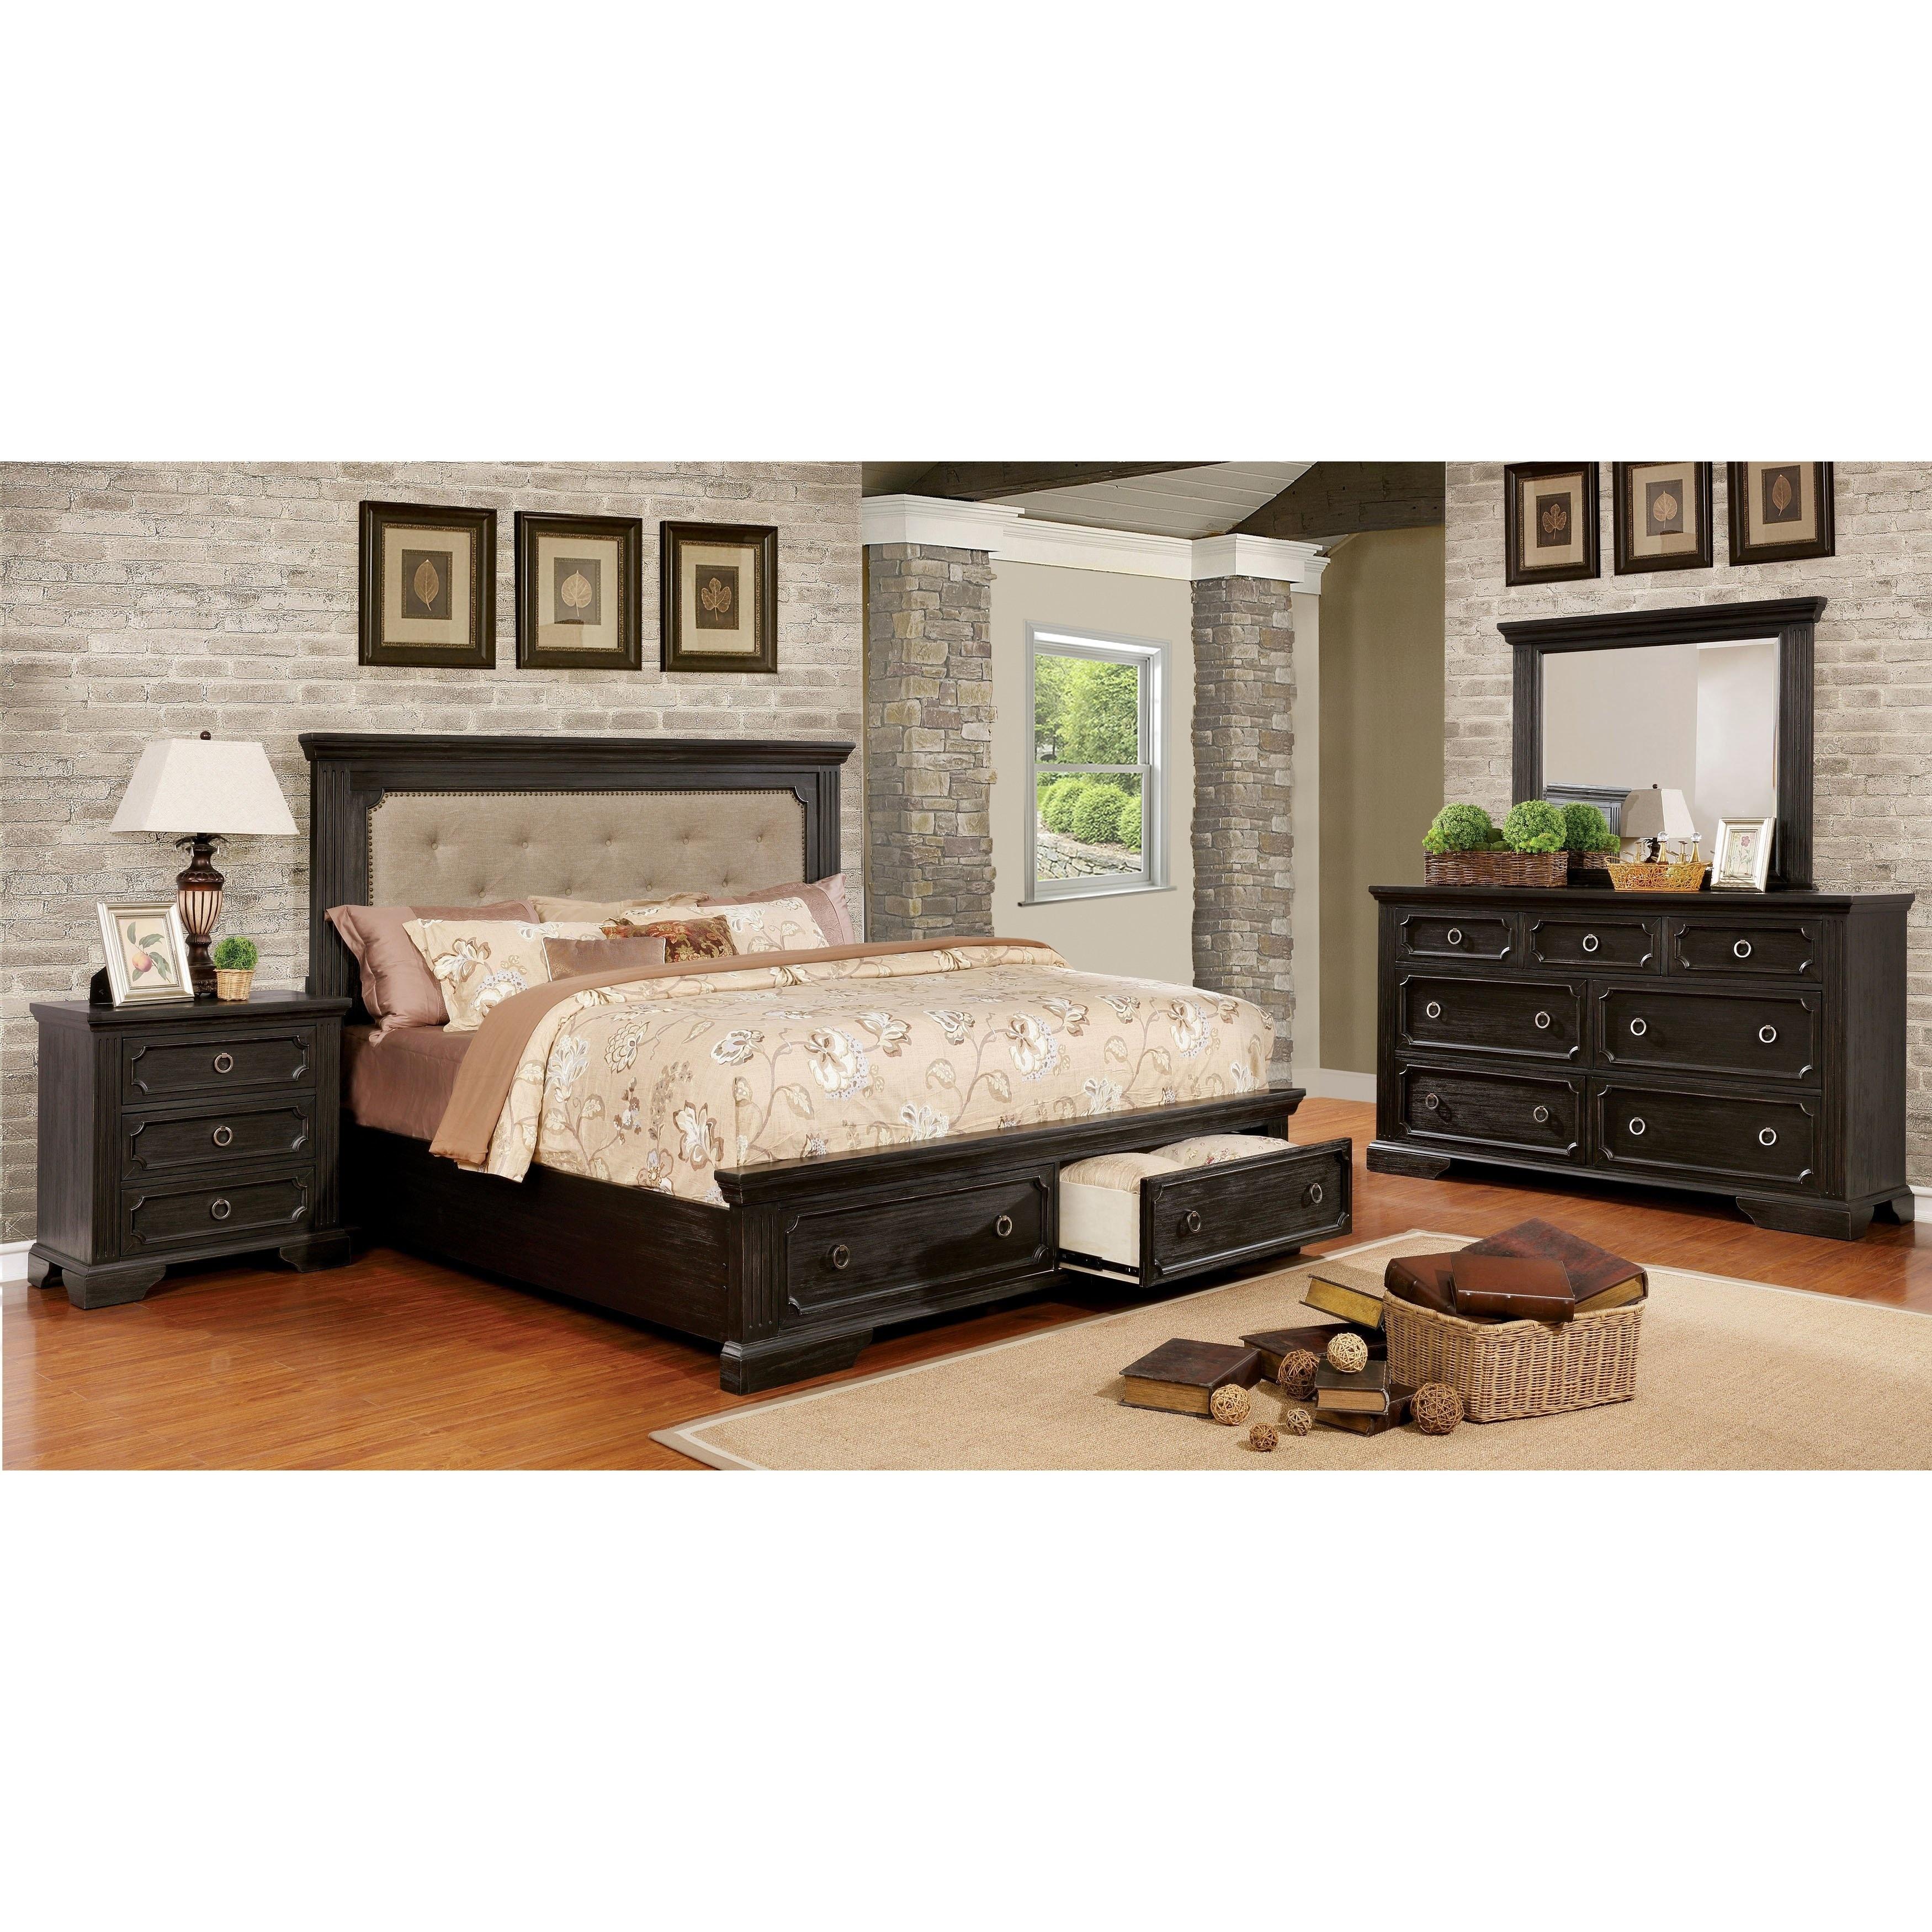 Hollen Transitional Wire-Brushed Black 4-piece Platform Bedroom Set